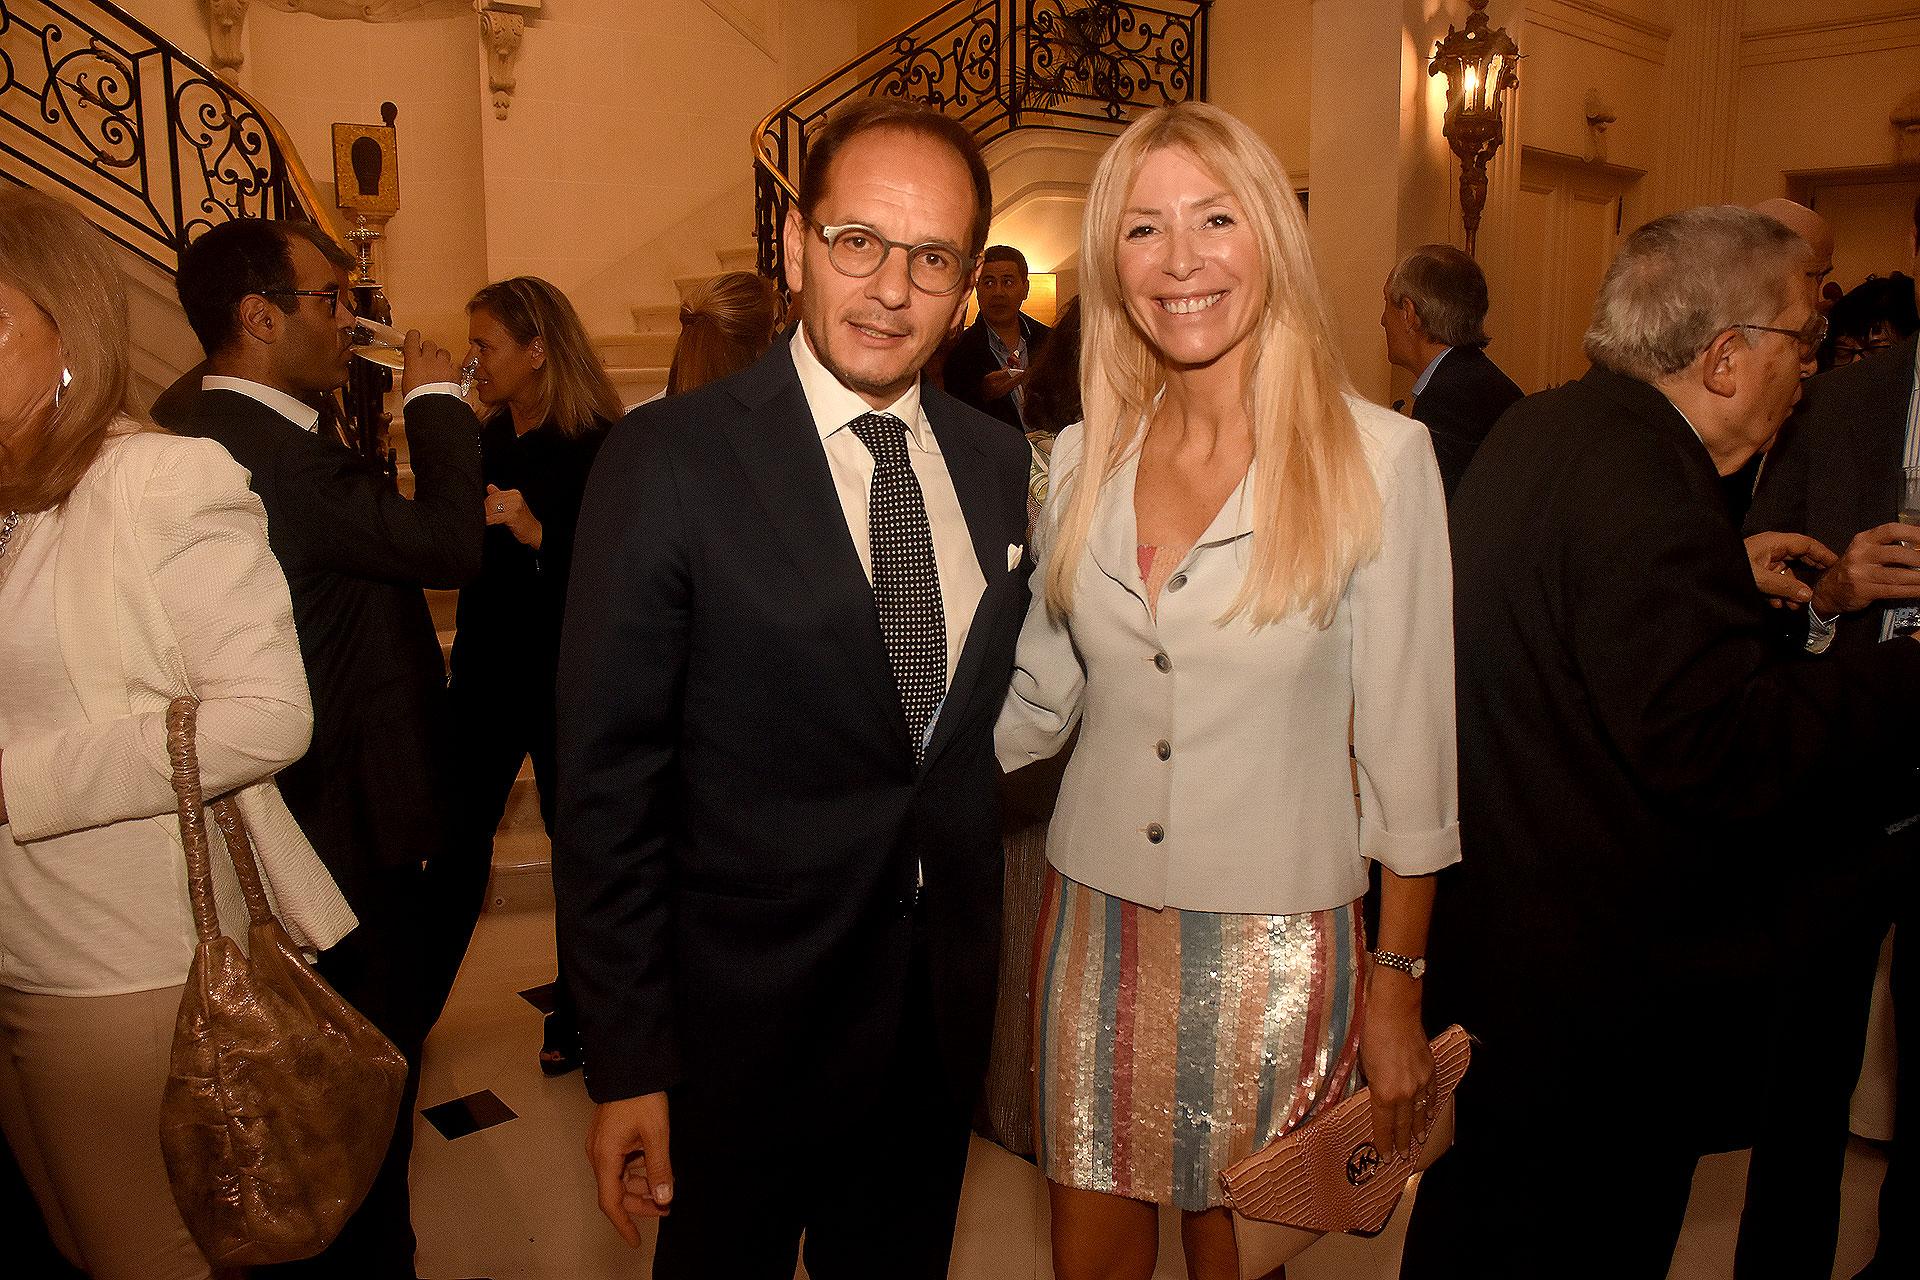 Giuseppe Manzo y Susana Schiliró Clur, directora de comunicación y marketing de LGI